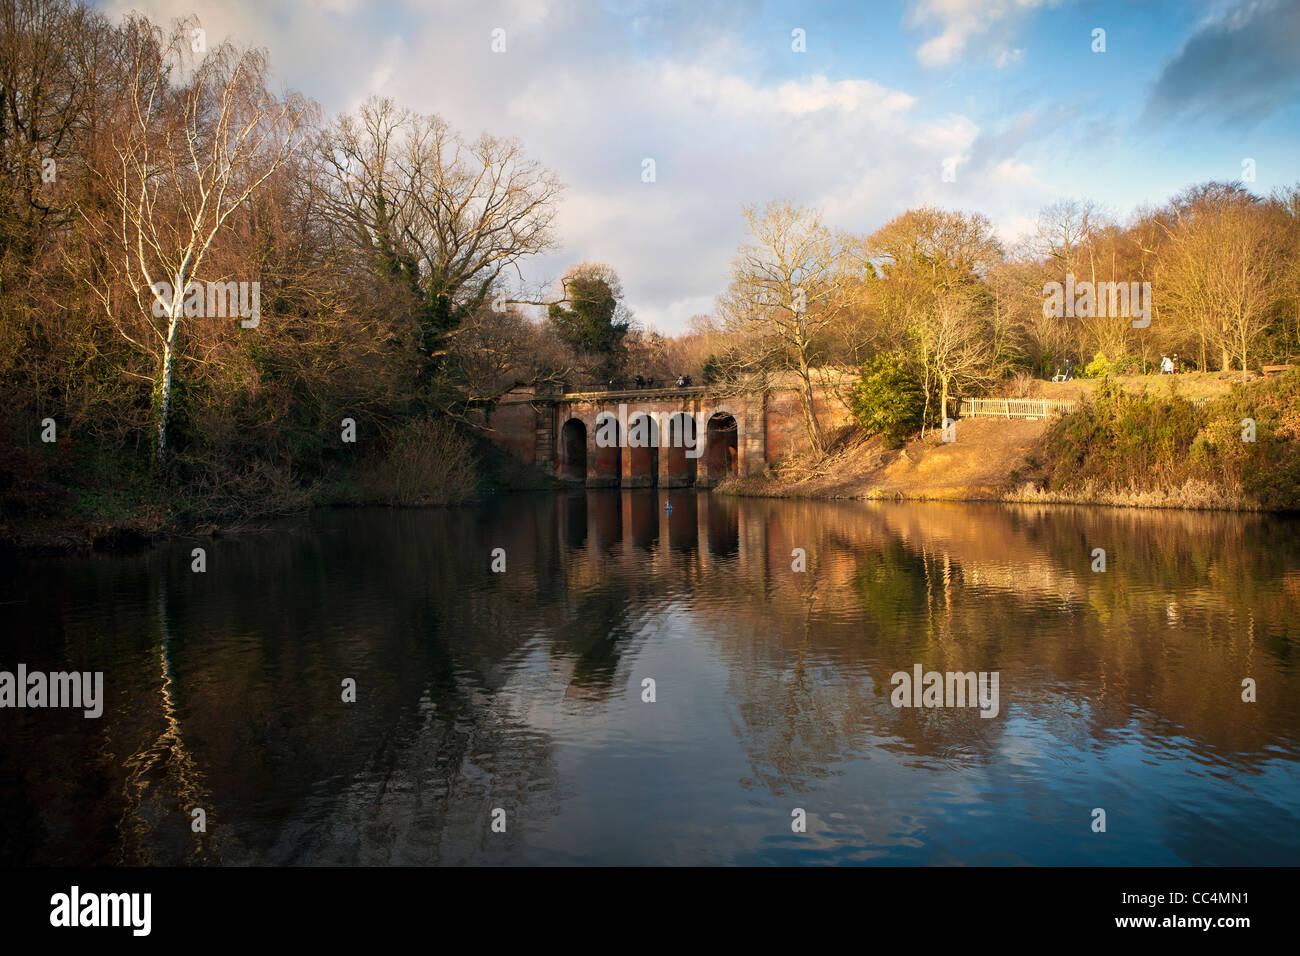 Viaduct Bridge Hampstead Heath. London, England. - Stock Image